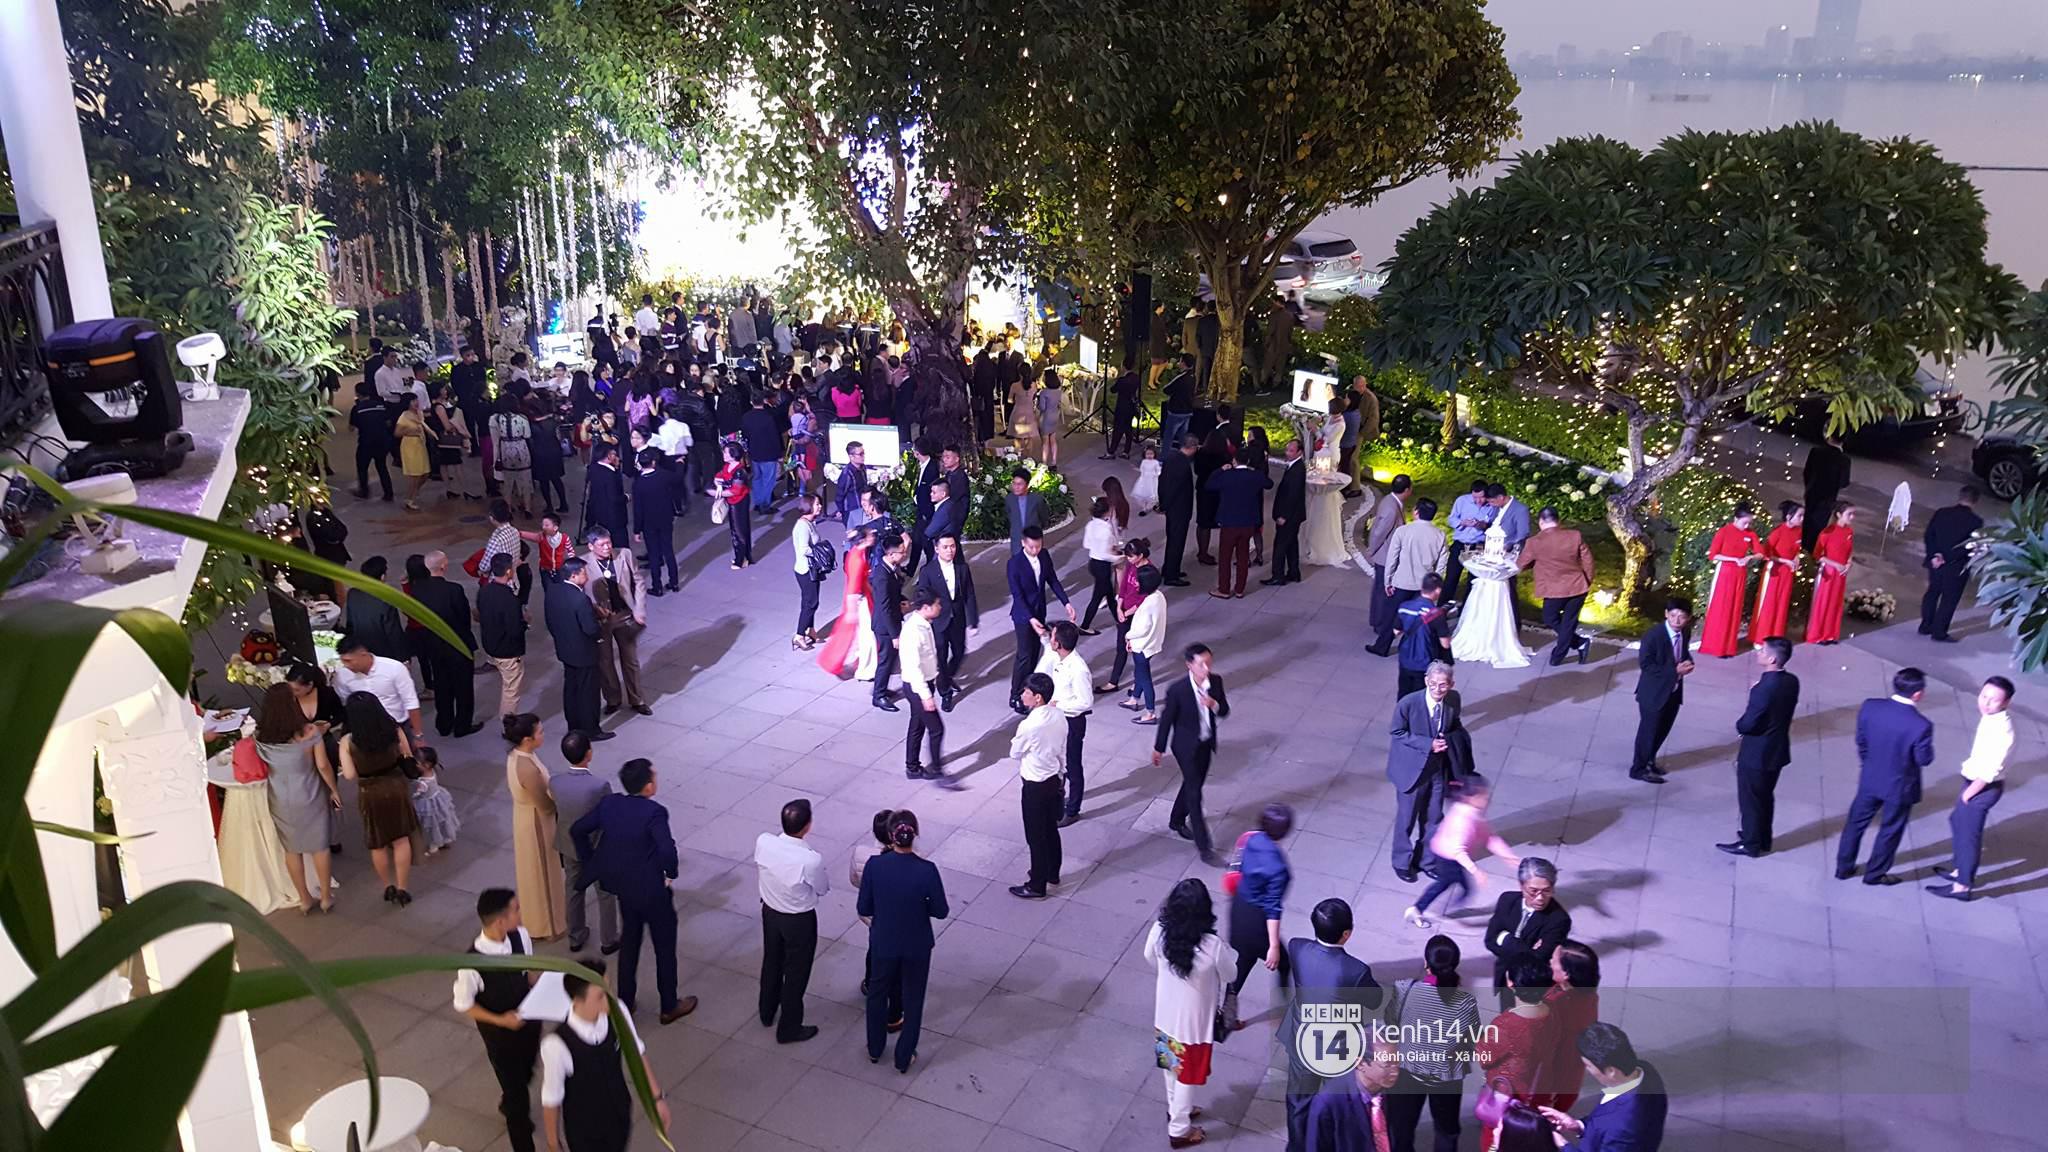 Đám cưới MC Mai Ngọc: Không gian lộng lẫy, cầu kỳ, xứng đáng là đám cưới sang chảnh nhất Hà Nội hôm nay - Ảnh 4.